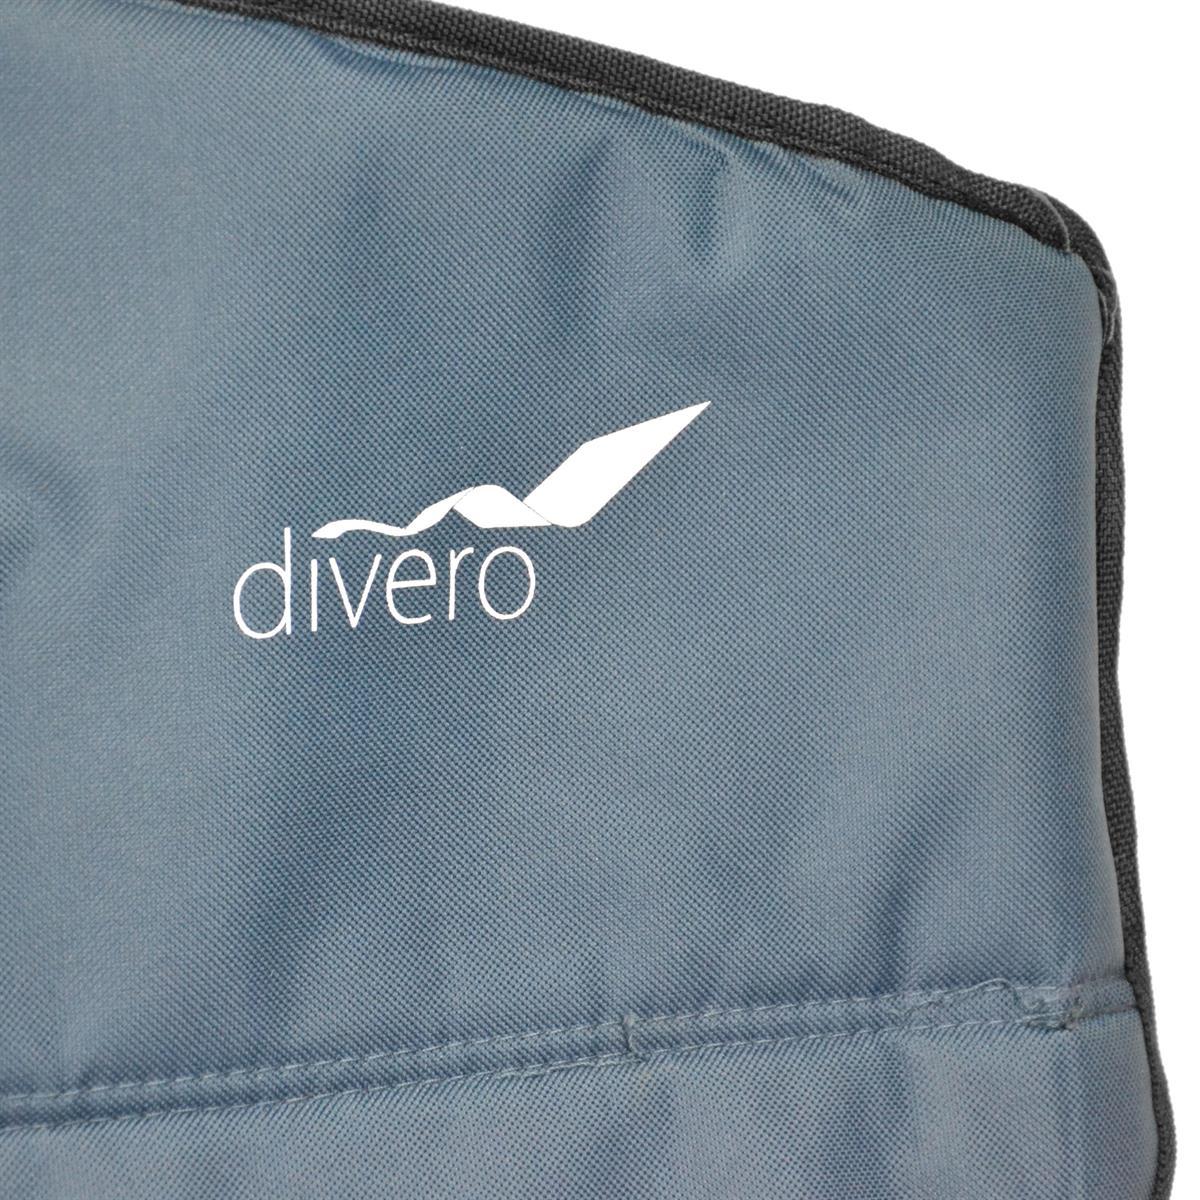 DIVERO Faltstuhl XL mit Armlehne dunkelblau Getränkehalter extra breit bis 160kg